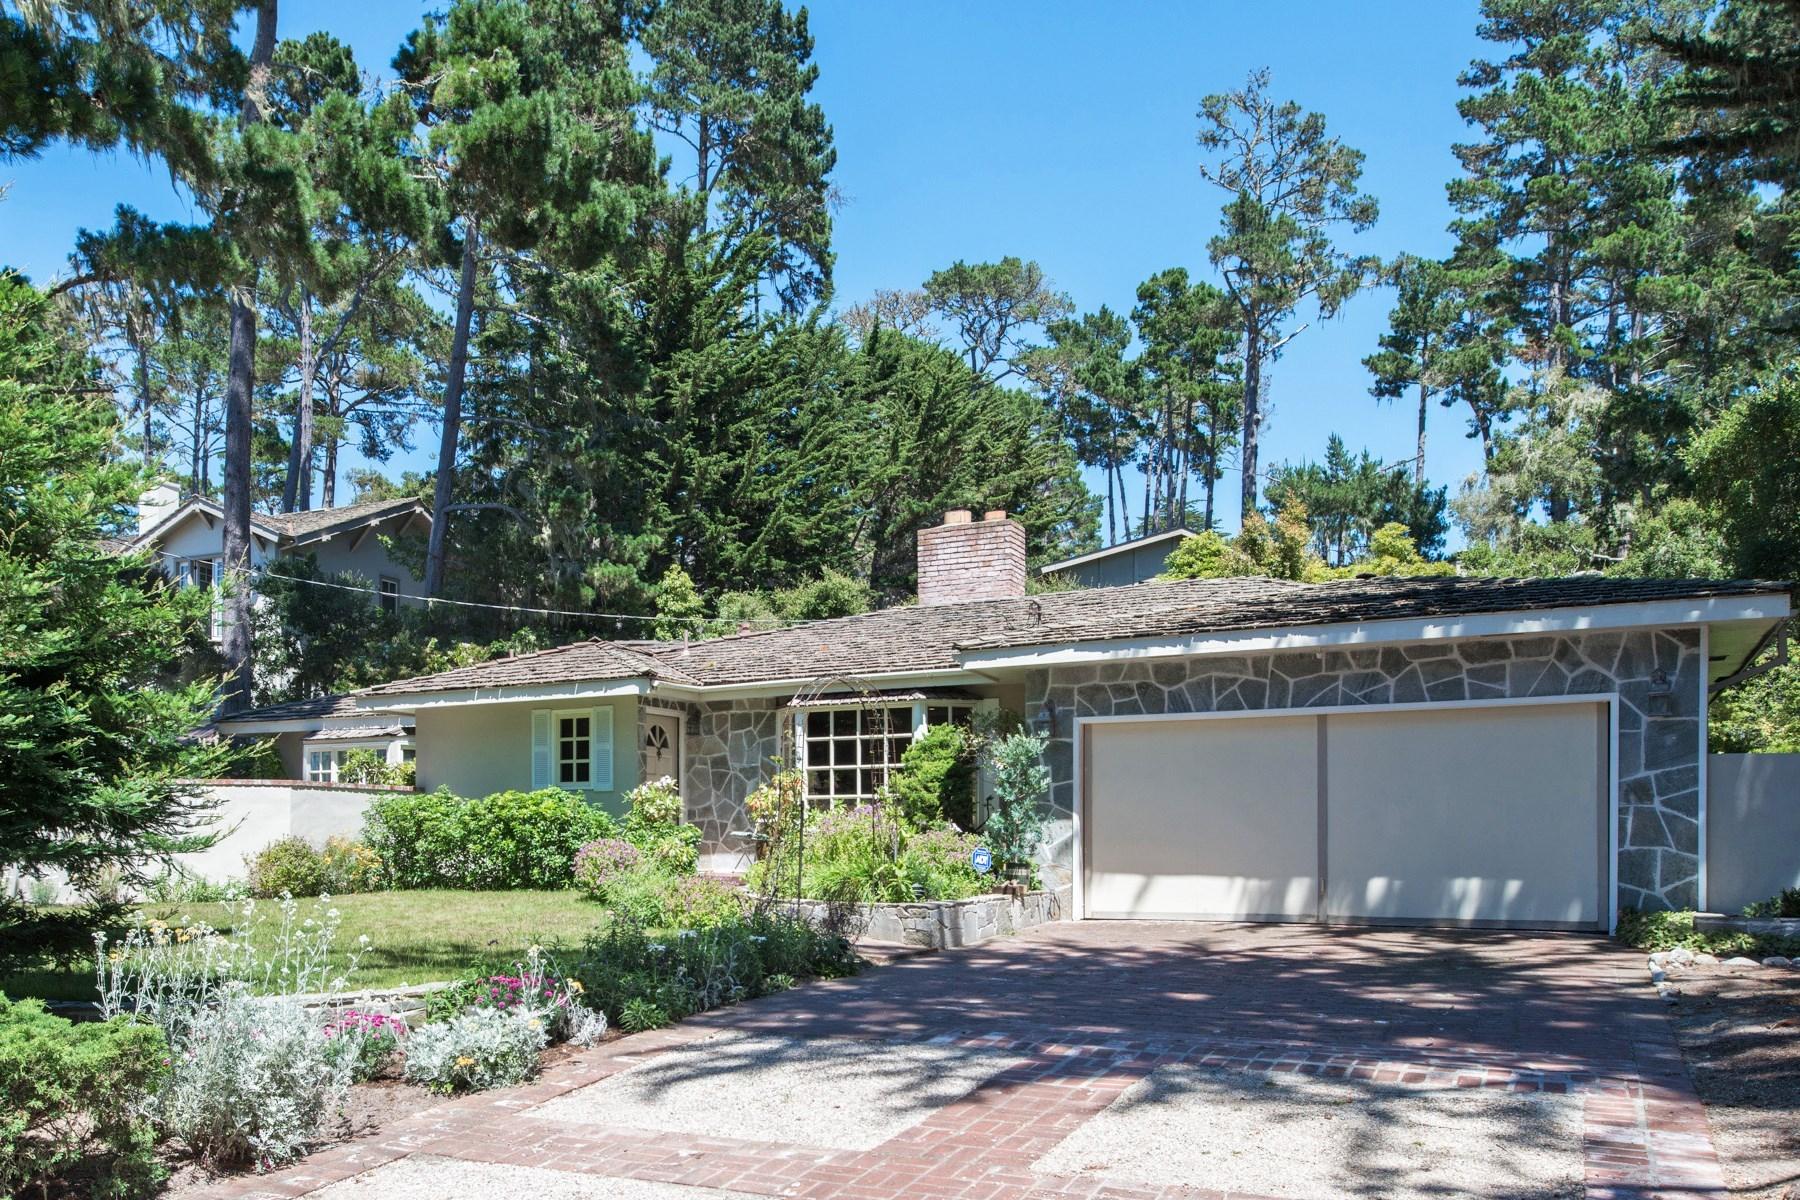 Maison unifamiliale pour l Vente à Charming Pebble Beach Garden Home 3093 Stevenson Drive Pebble Beach, Californie, 93953 États-Unis